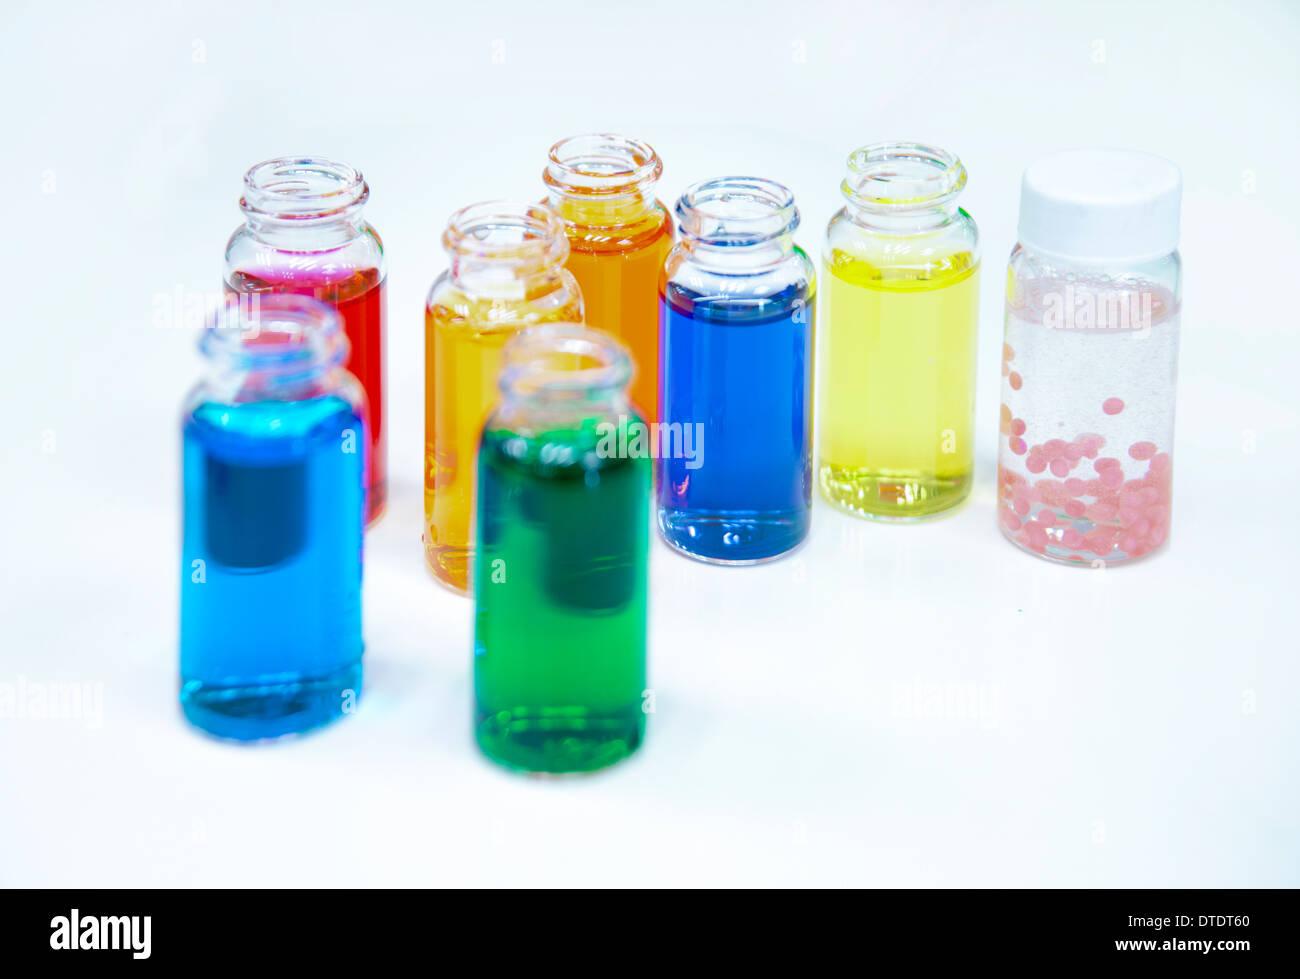 Glasflaschen mit farbigen Flüssigkeit bei einem Kosmetikhersteller Stockbild